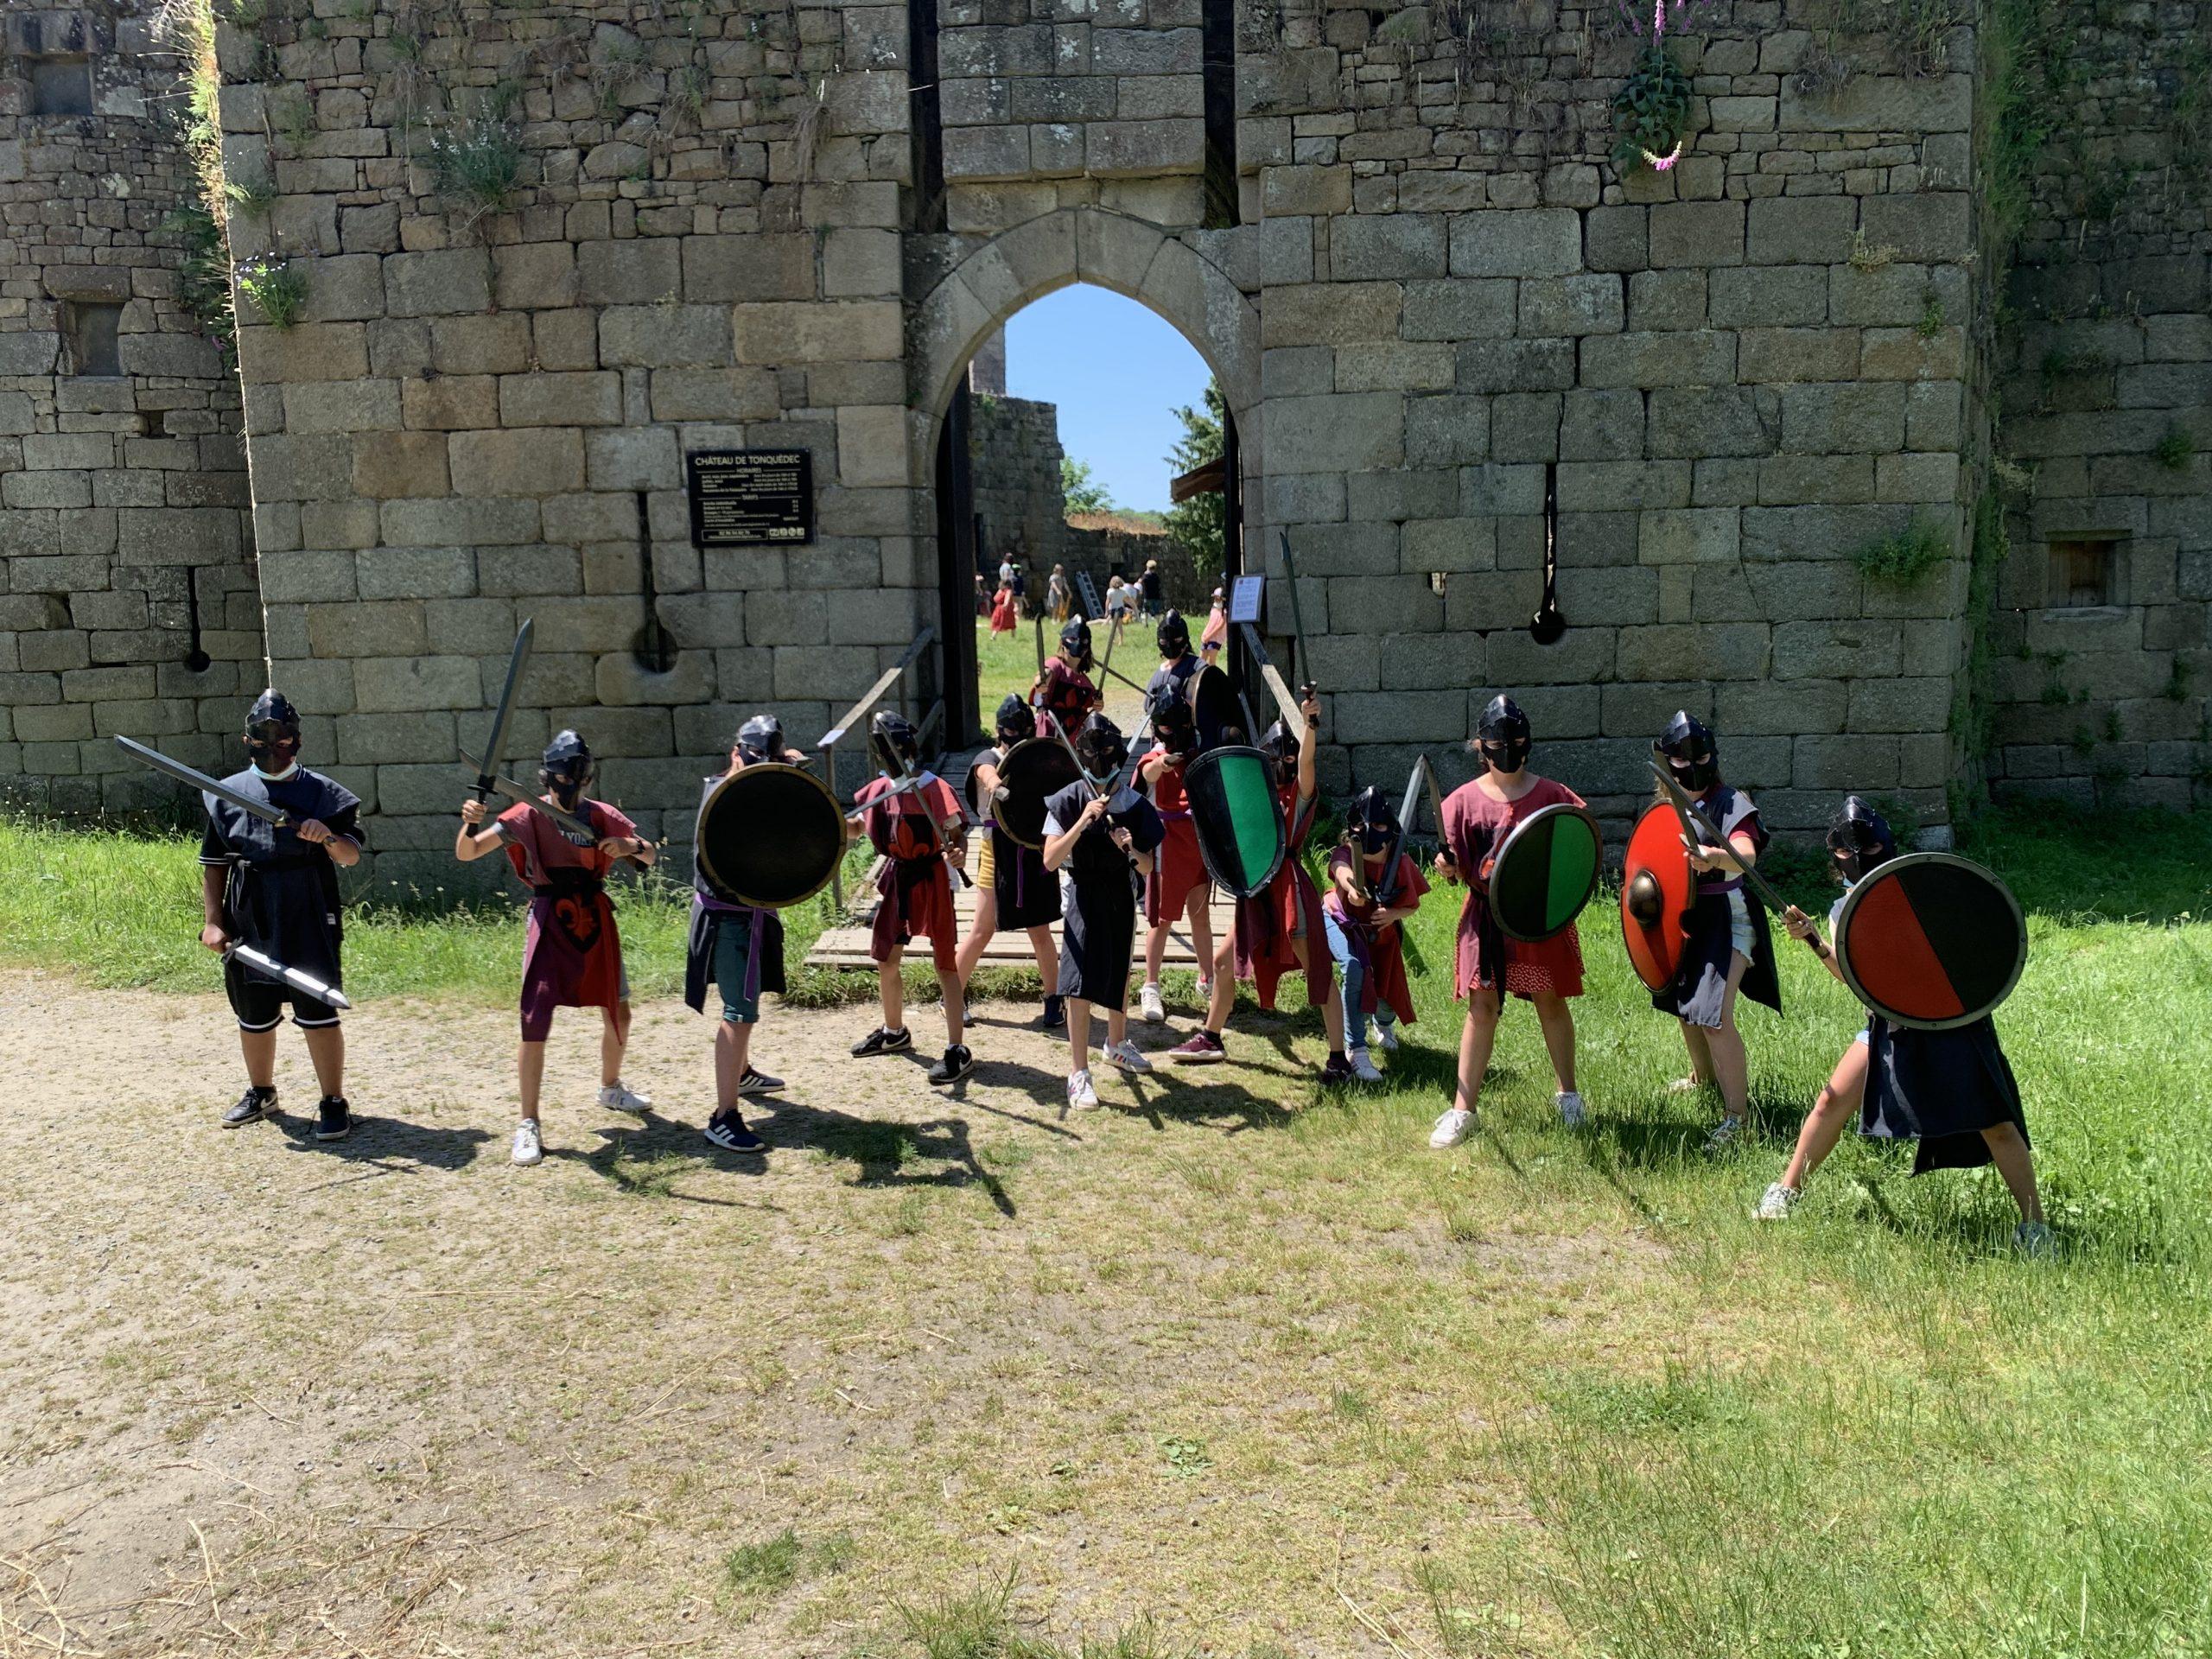 enterrement vie de garcon chevalier ecole bretagne activité ludique evjf evg bretagne